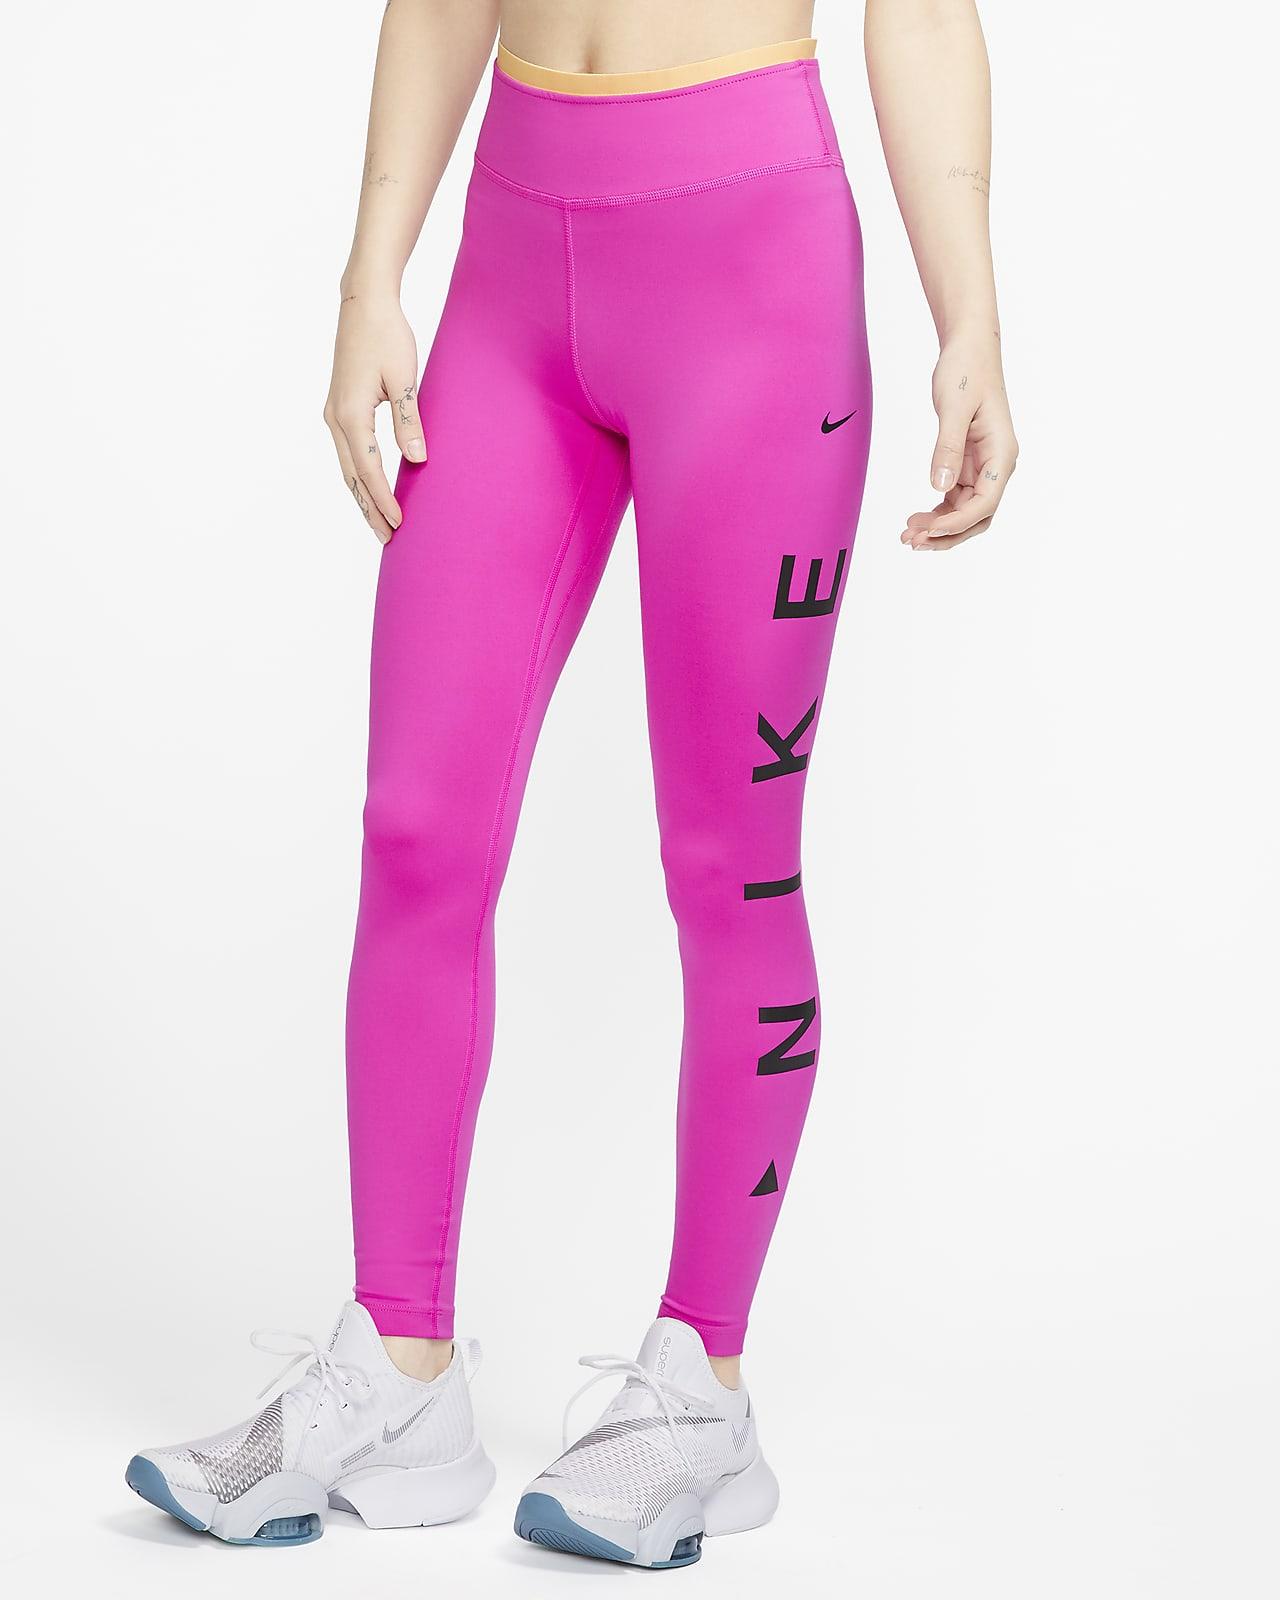 Mallas de 7/8 y tiro medio con gráfico para mujer Nike One Icon Clash